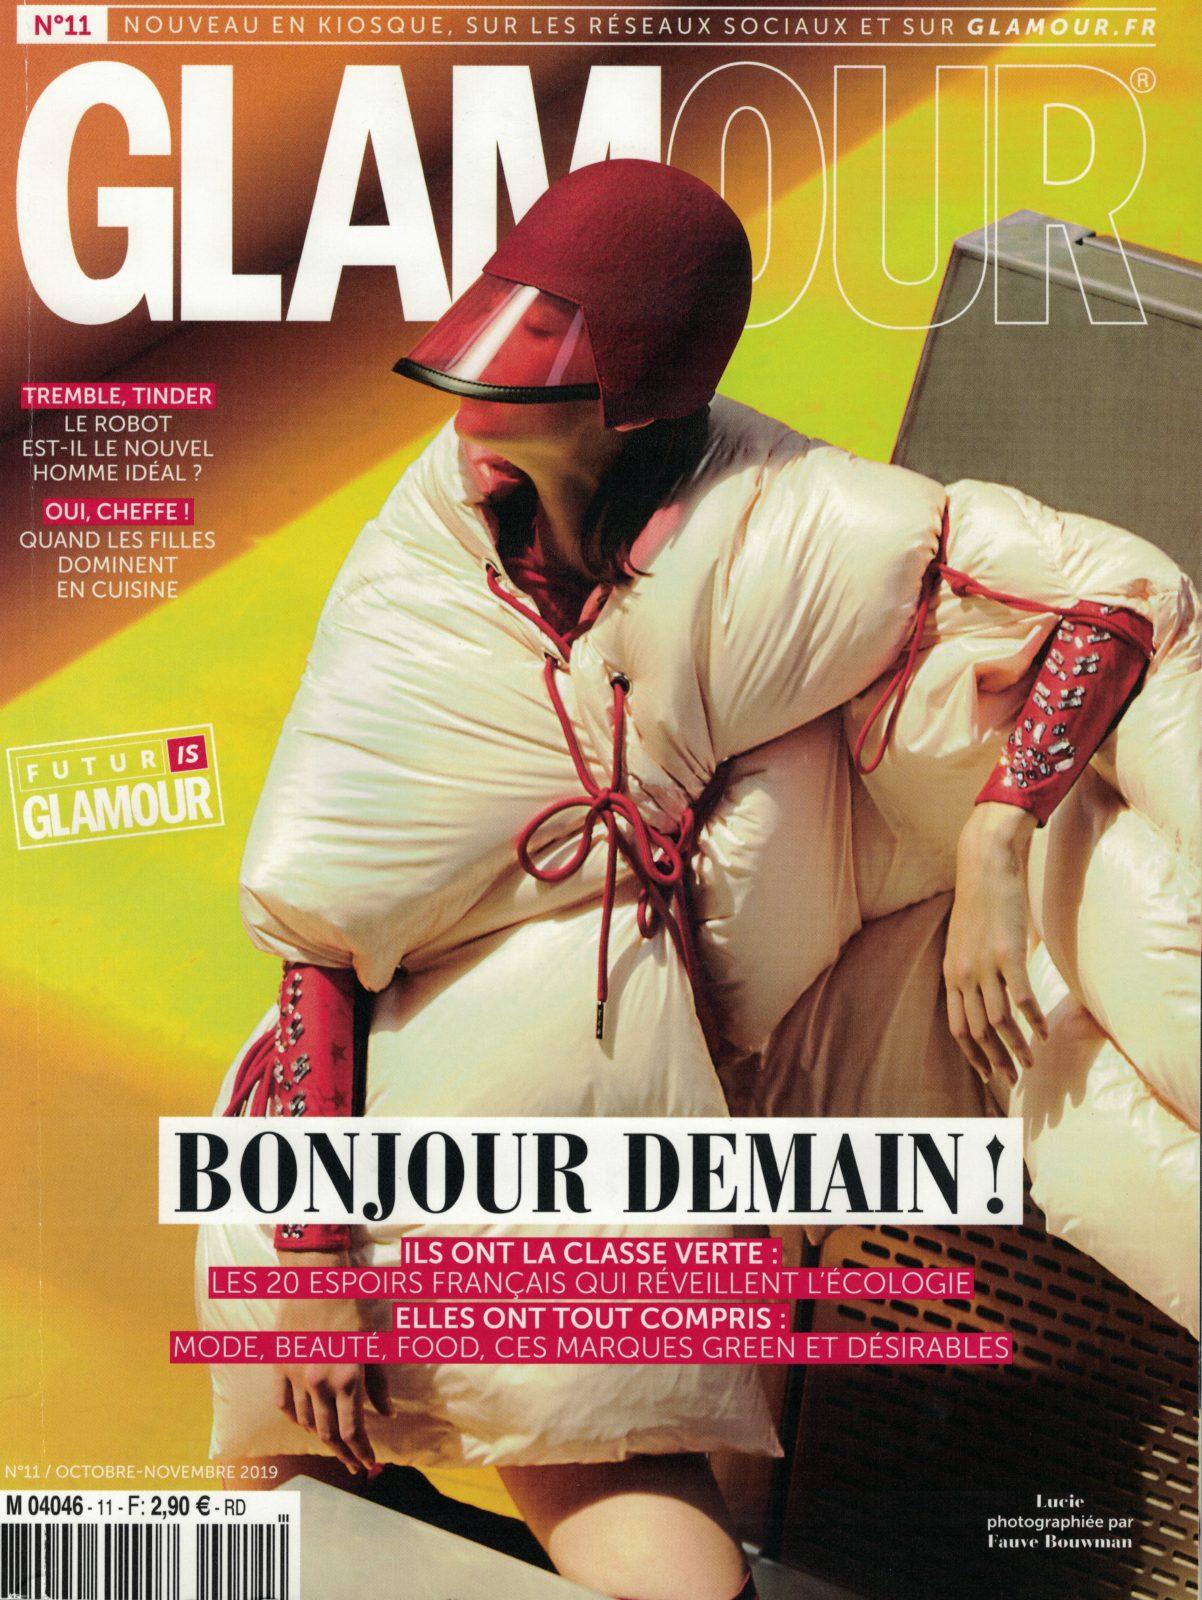 GLAMOUR No1 Octobre/Novembre 2019